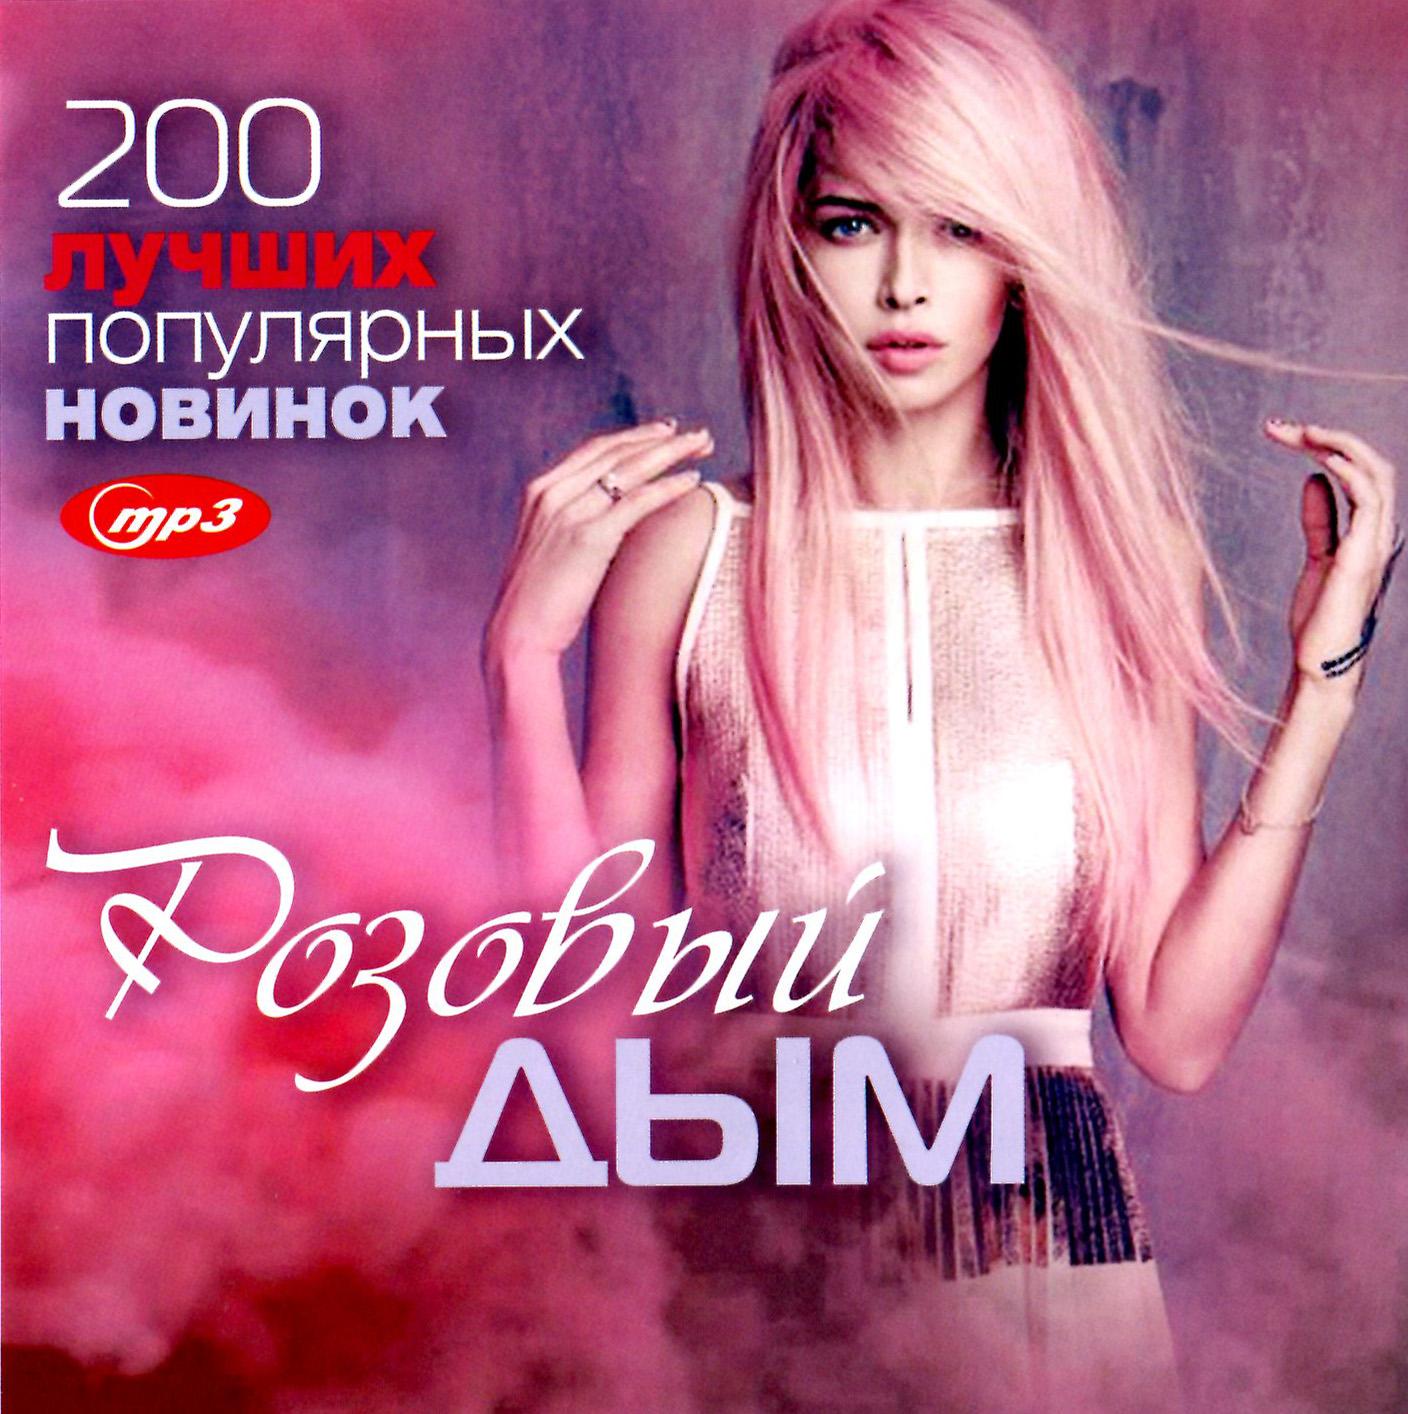 Розовый Дым - 200 лучших популярных новинок [mp3]